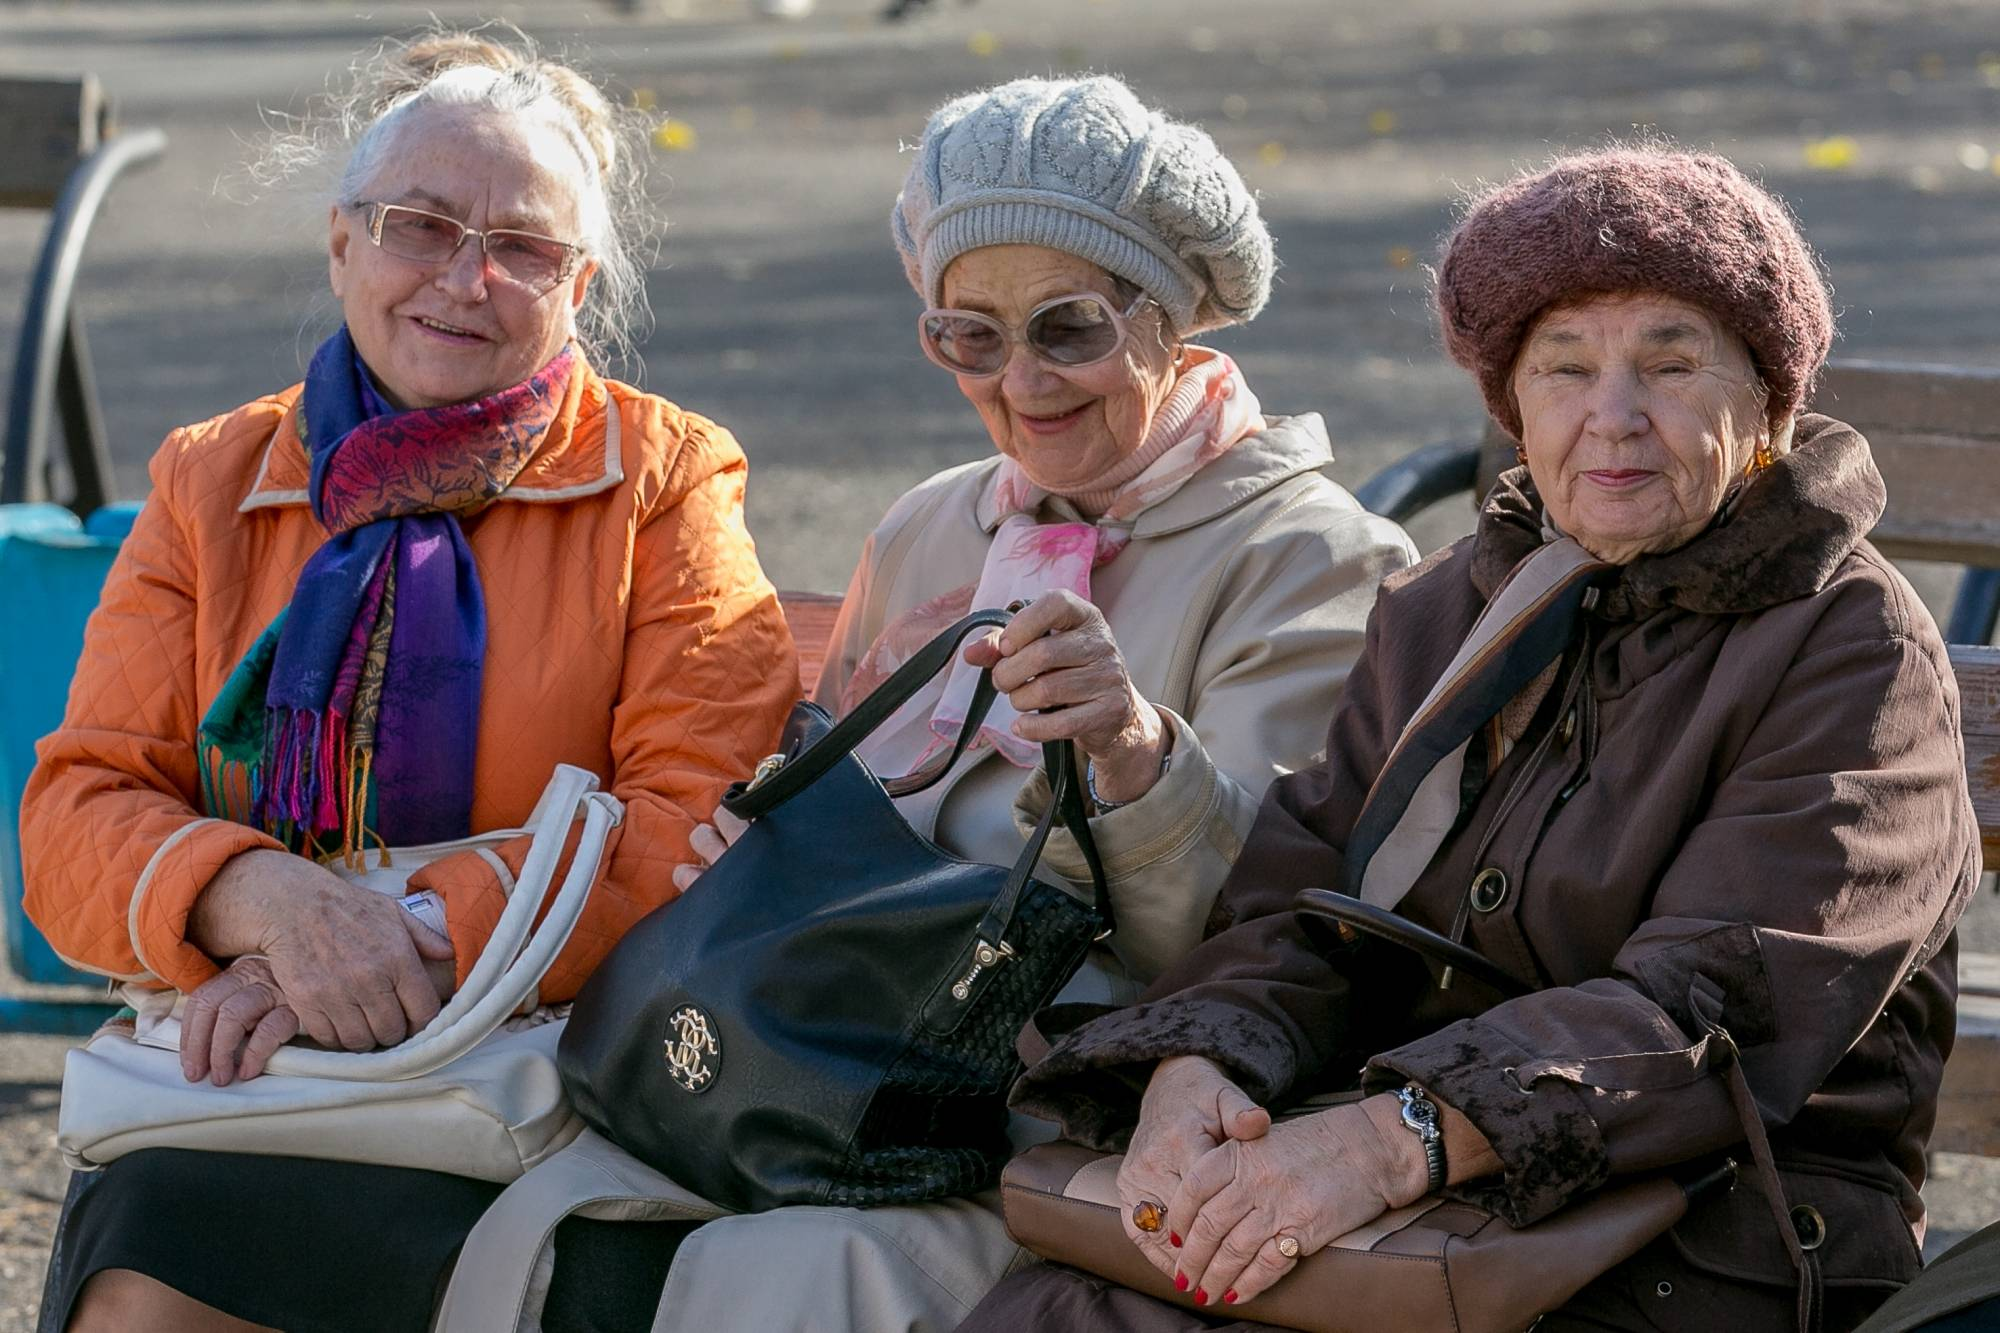 Пенсия в австралии в 2021 году: пенсионный возраст, выплаты